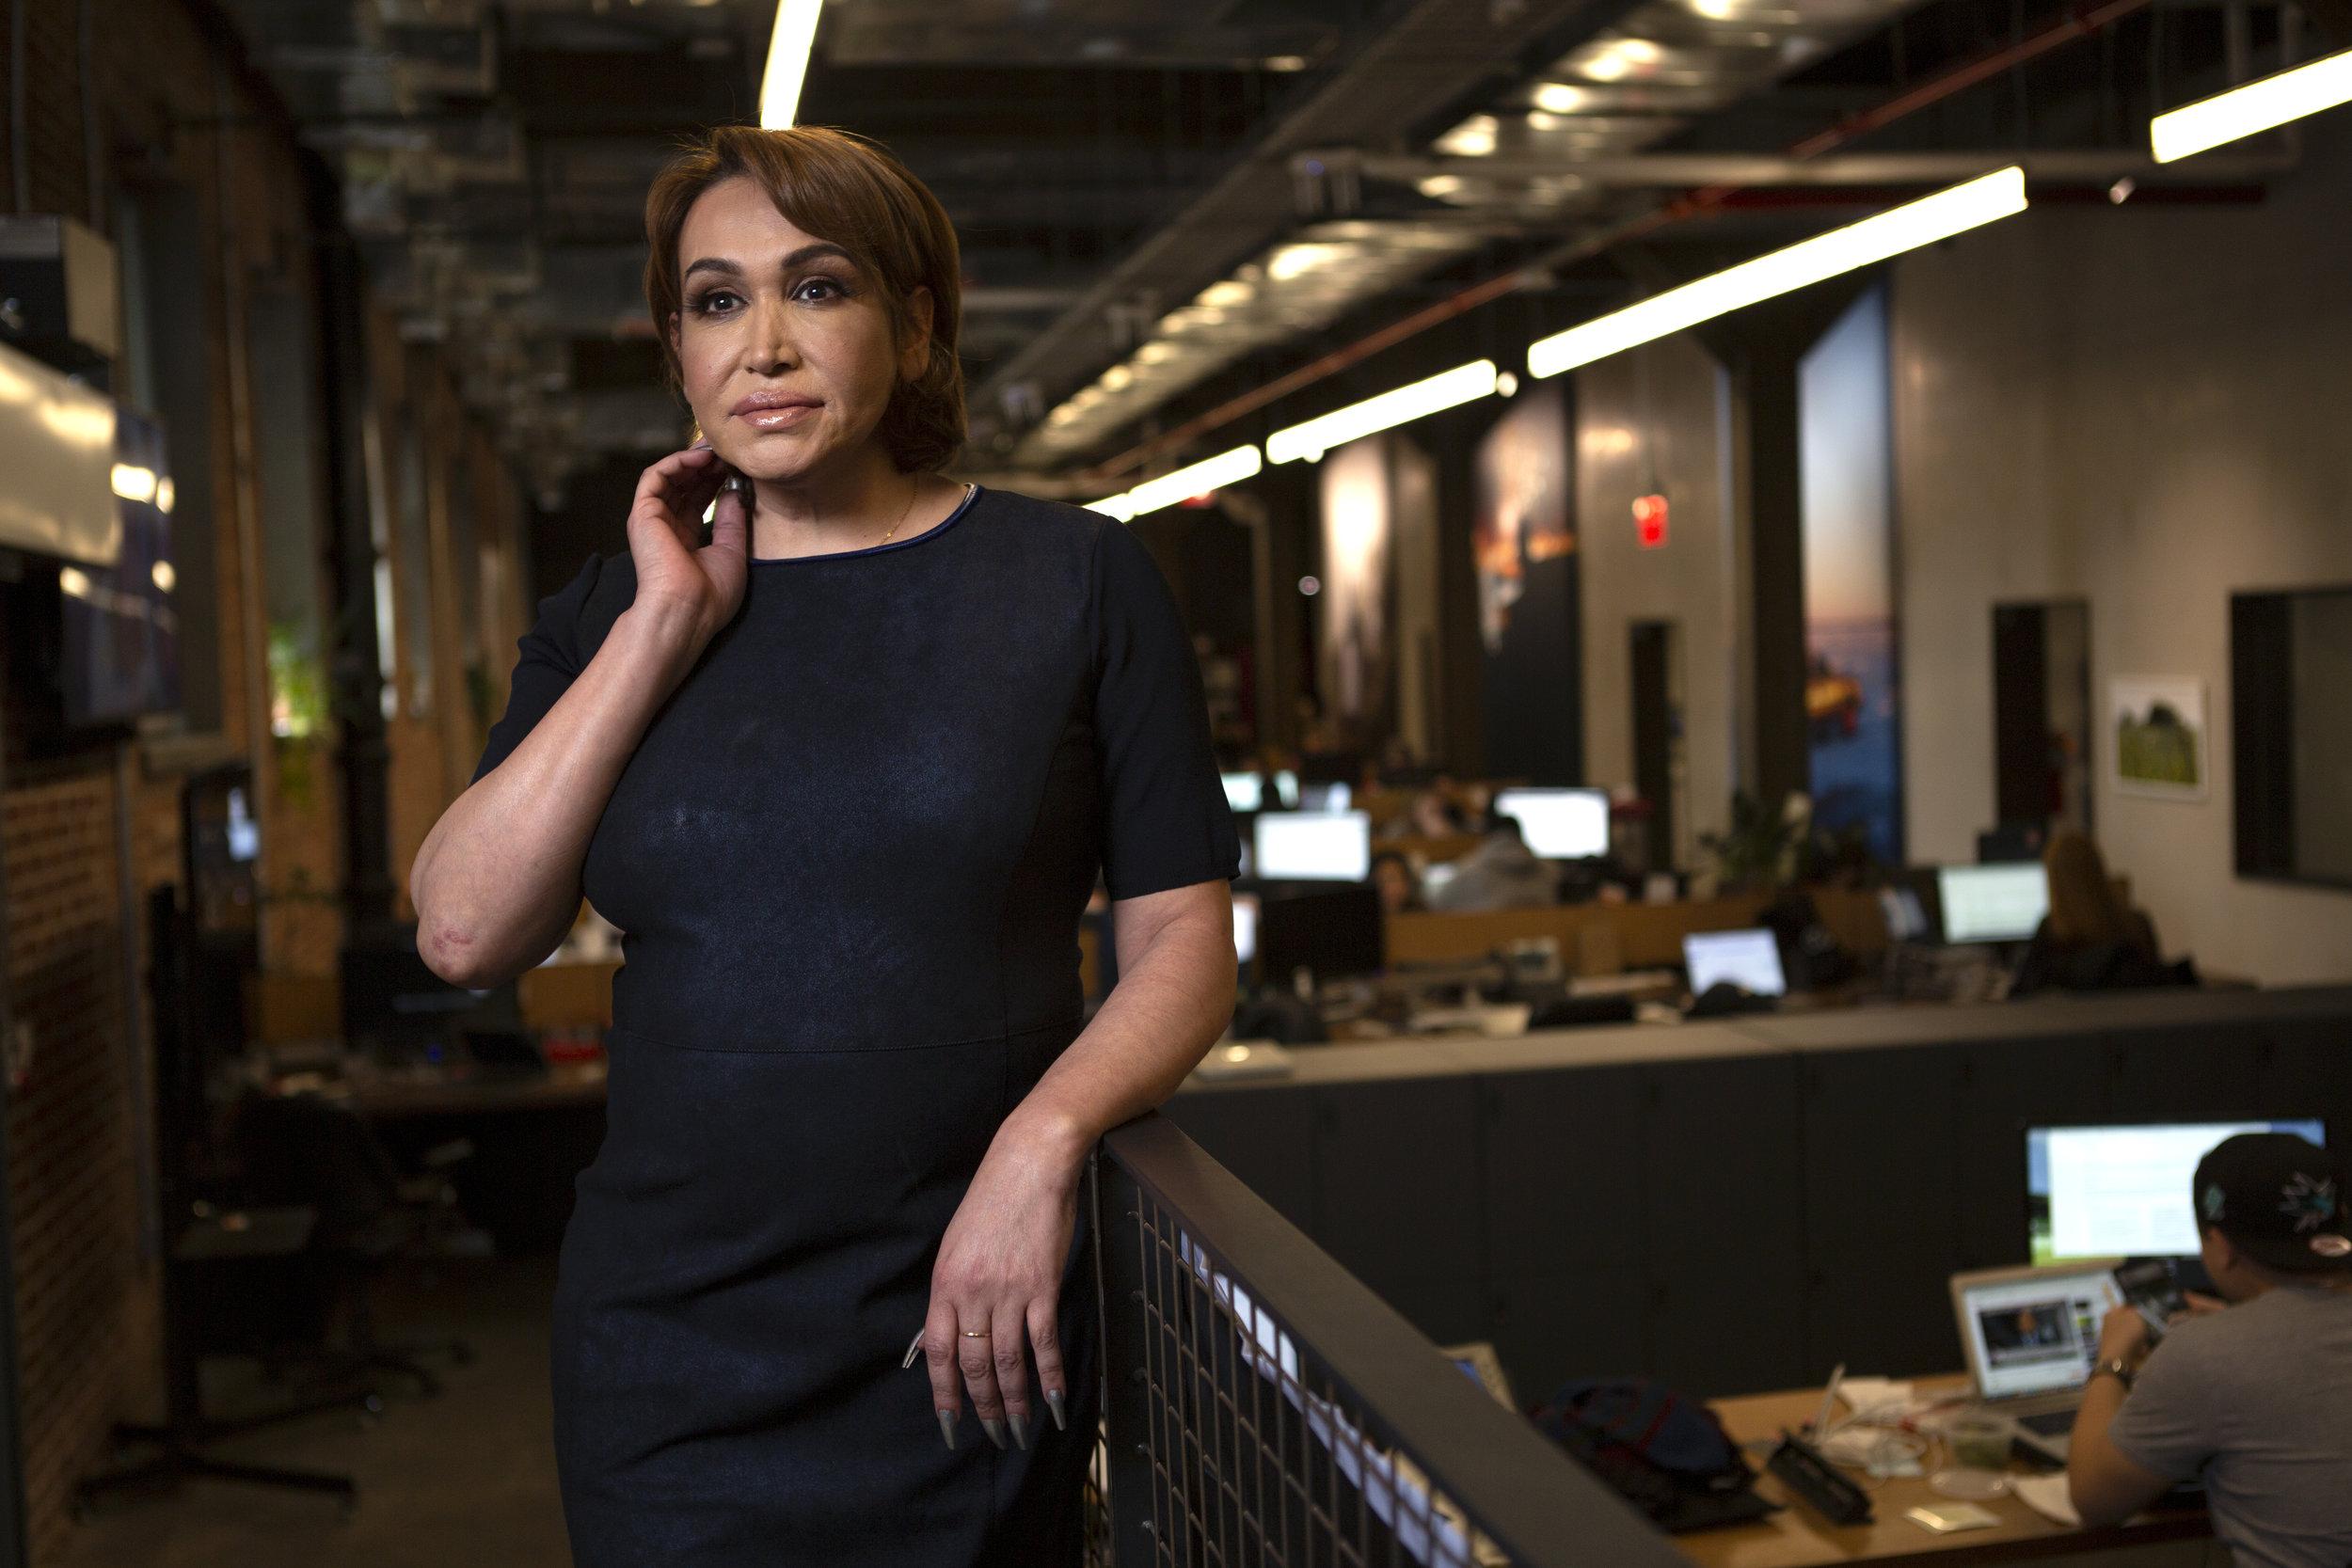 A transgender woman in business attire in an office.jpg